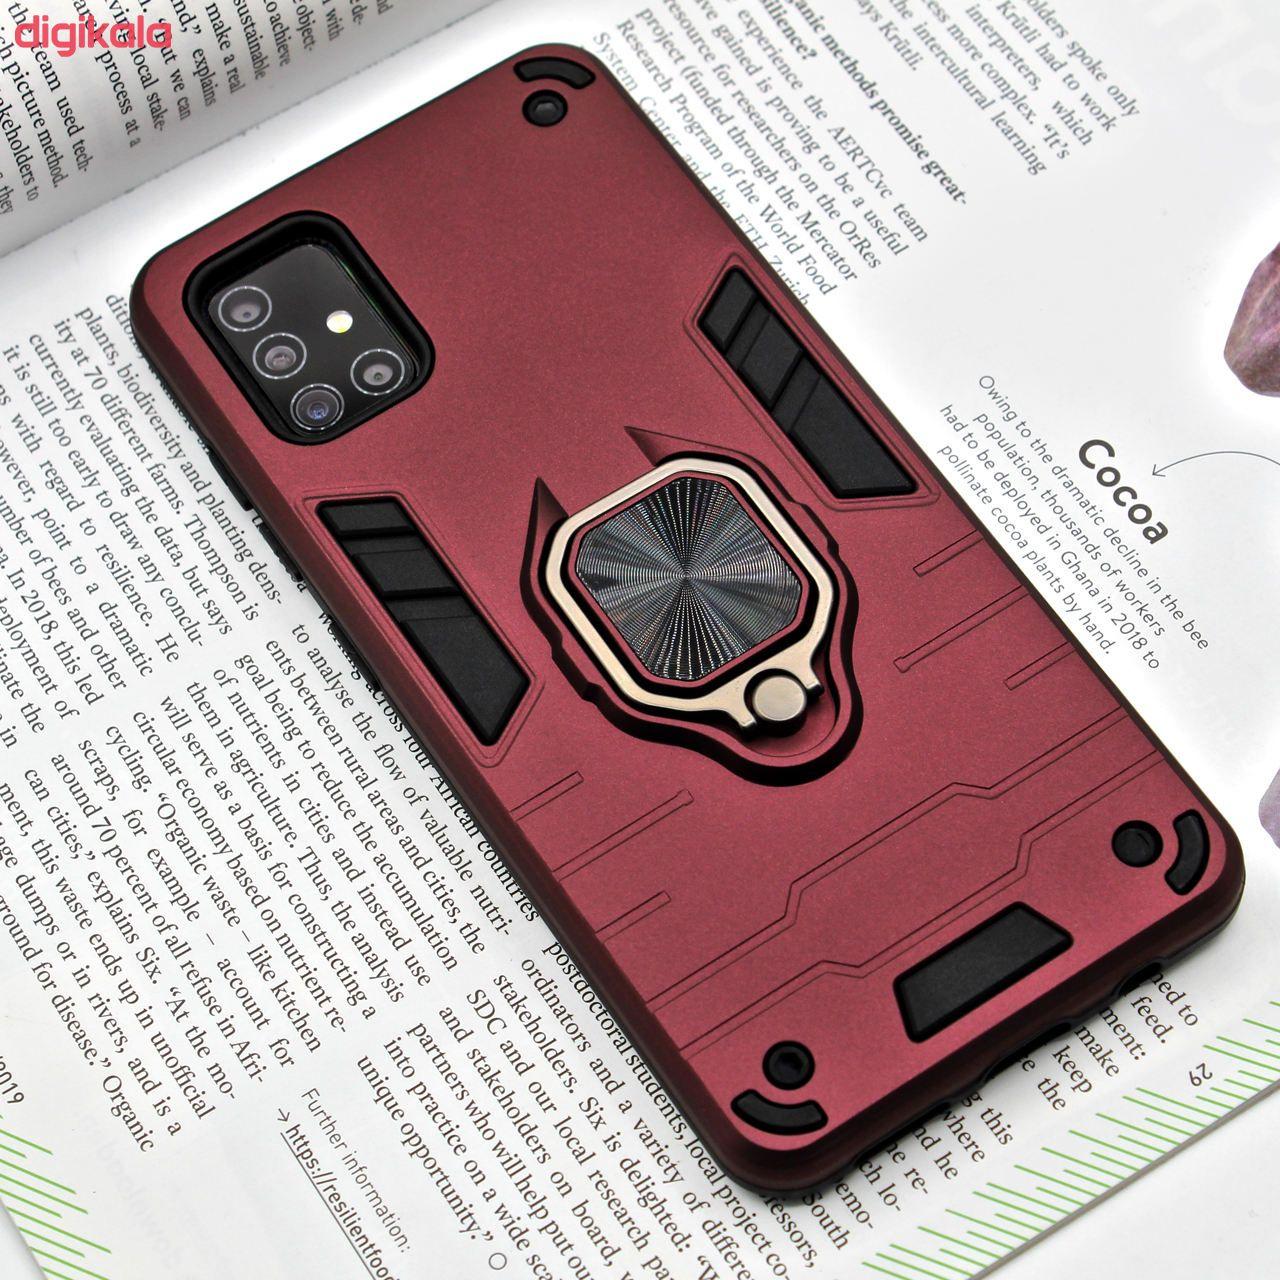 کاور کینگ پاور مدل ASH22 مناسب برای گوشی موبایل سامسونگ Galaxy A31 main 1 7